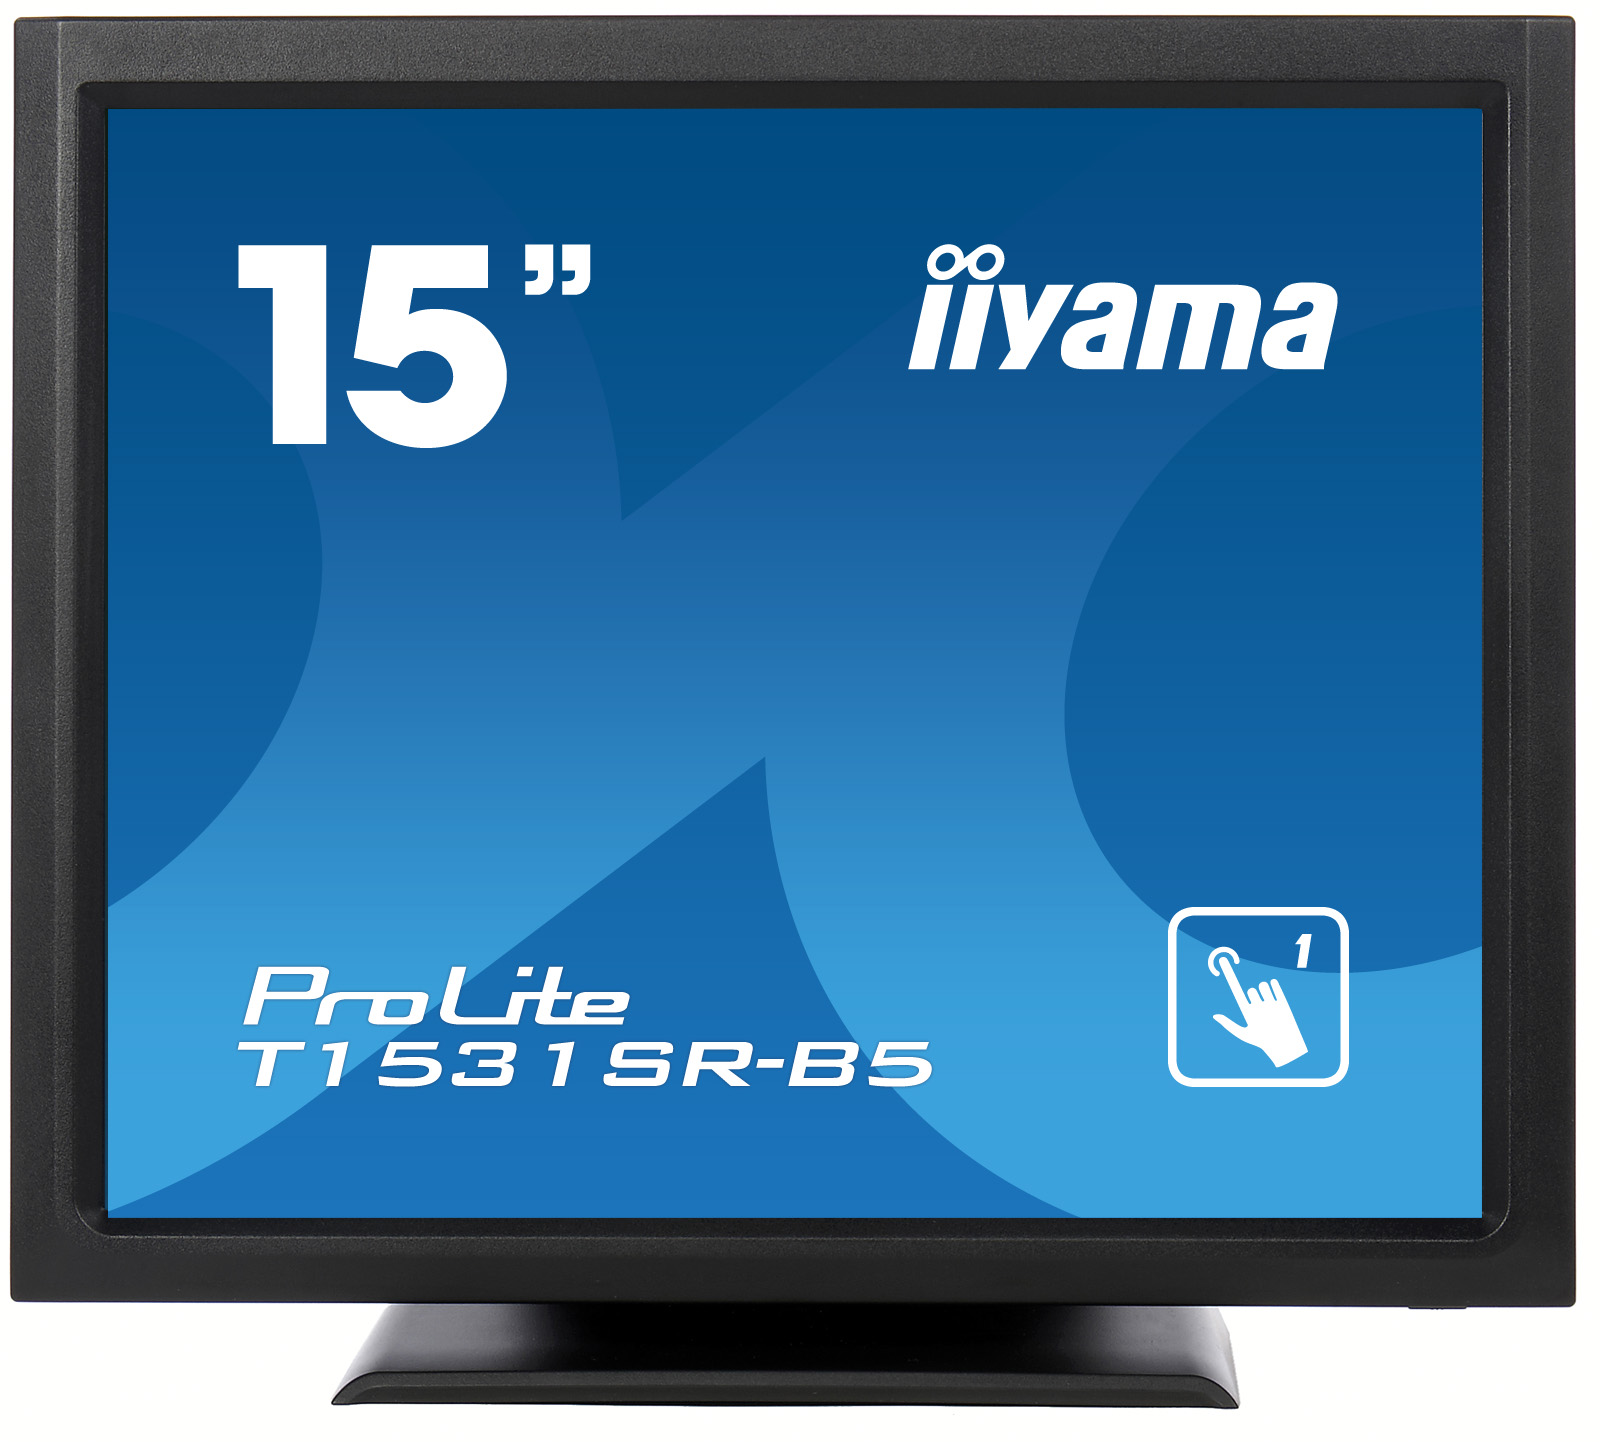 15'' iiyama T1531SR-B5 - TN,1024x768,8ms,370cd/m2, 700:1,4:3,VGA,HDMI,DP,USB,repro,výška. - T1531SR-B5